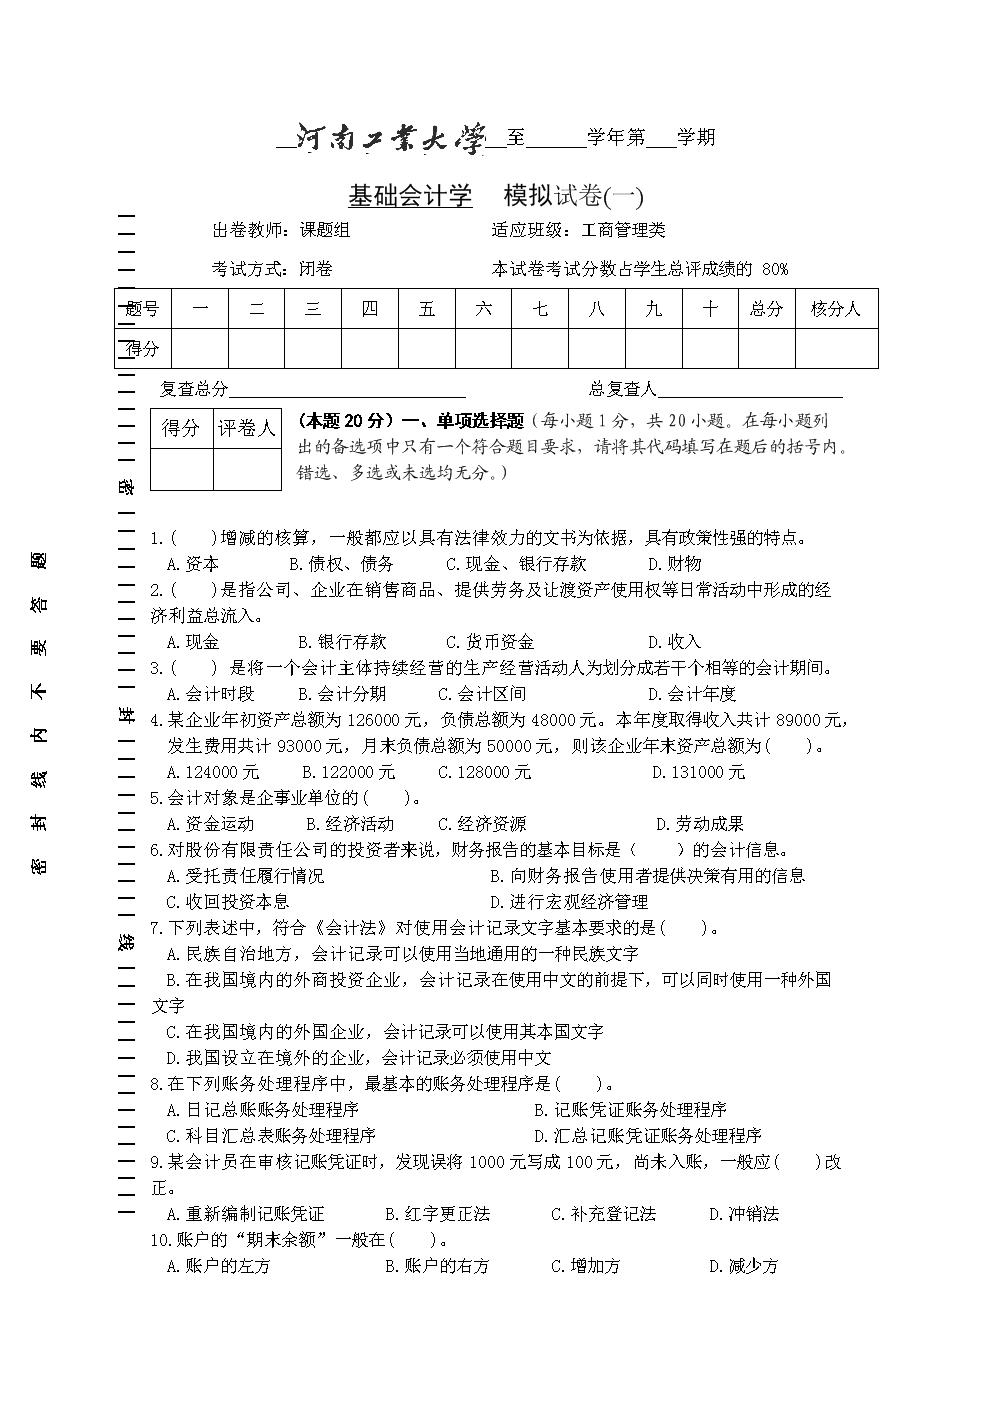 河南工业大学基础会计模拟试题(一)技术方案.d